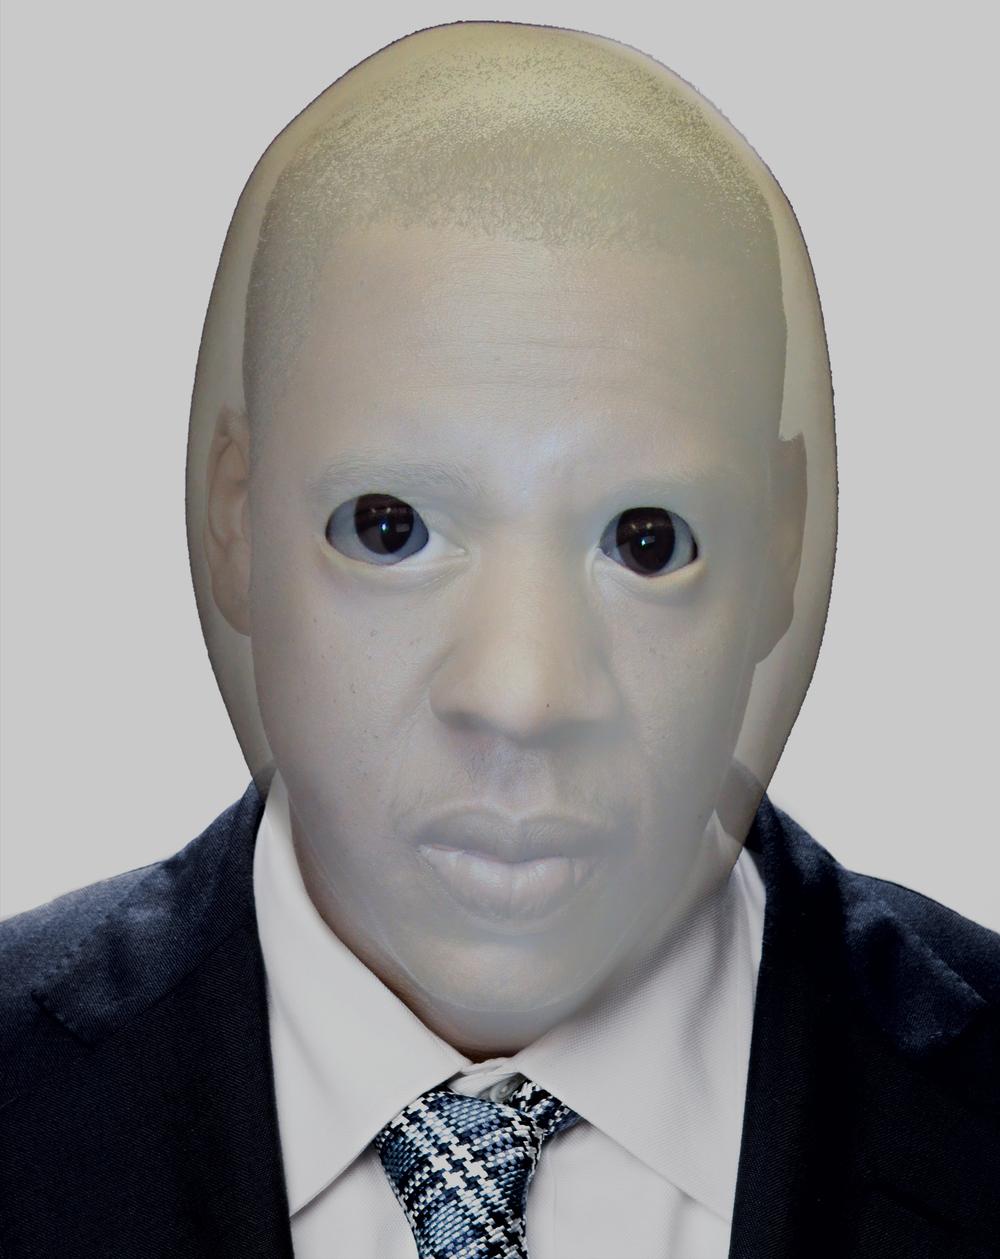 Jay-Z is not real he is an alien.jpg